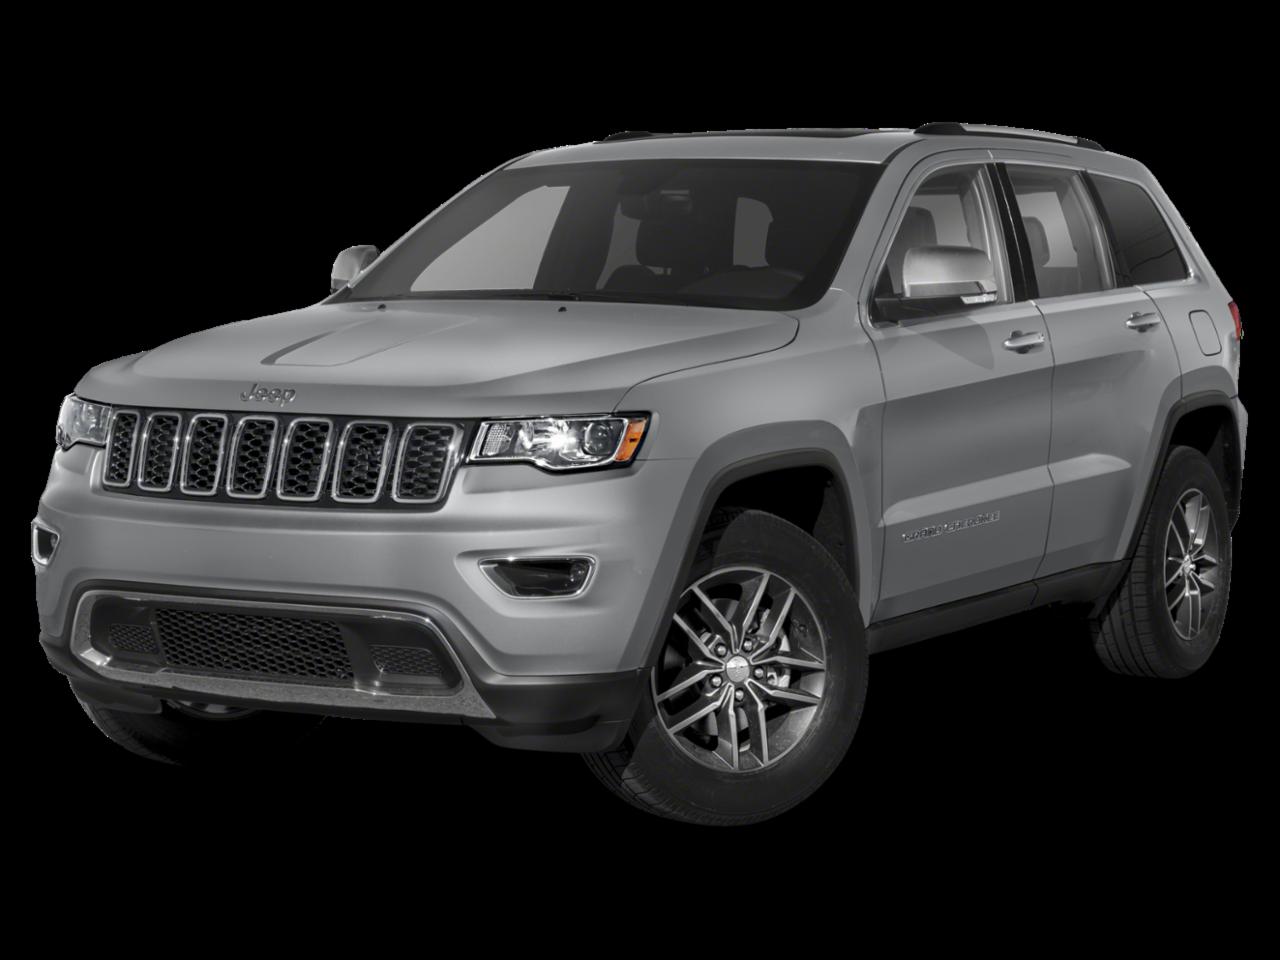 2020 JEEP Grand Cherokee Laredo E Sport Utility